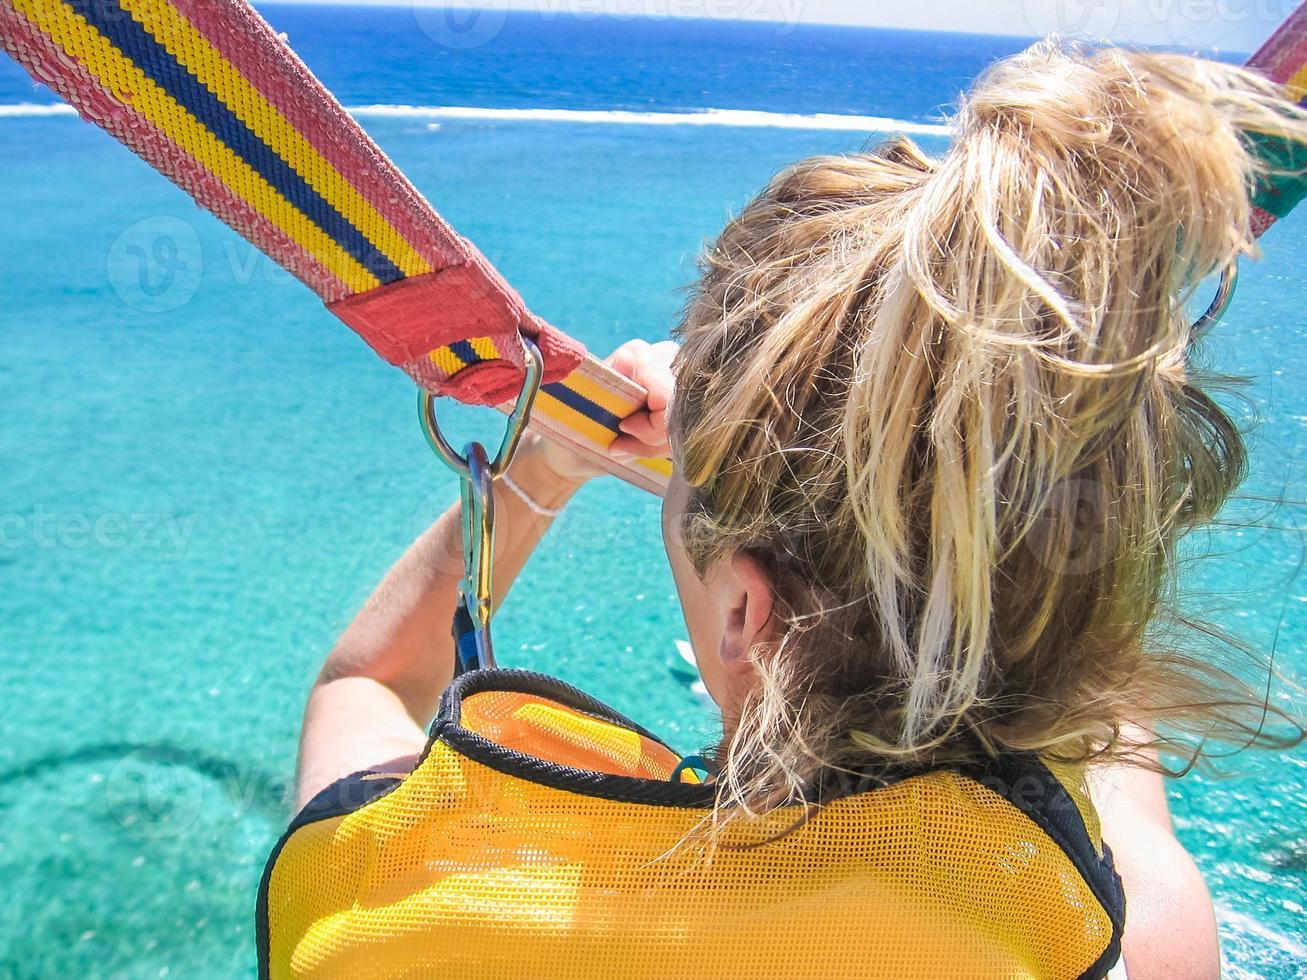 parachute ascensionnel femme photo